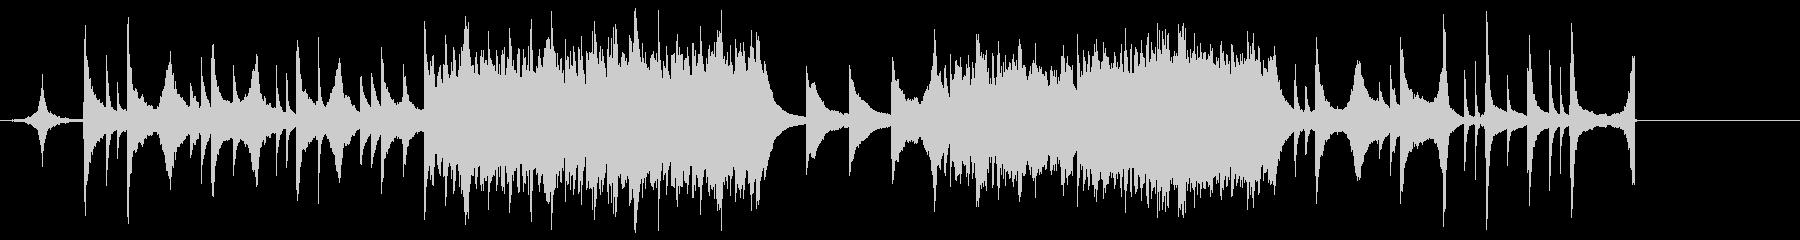 ピアノとストリングスのエモいバラードの未再生の波形